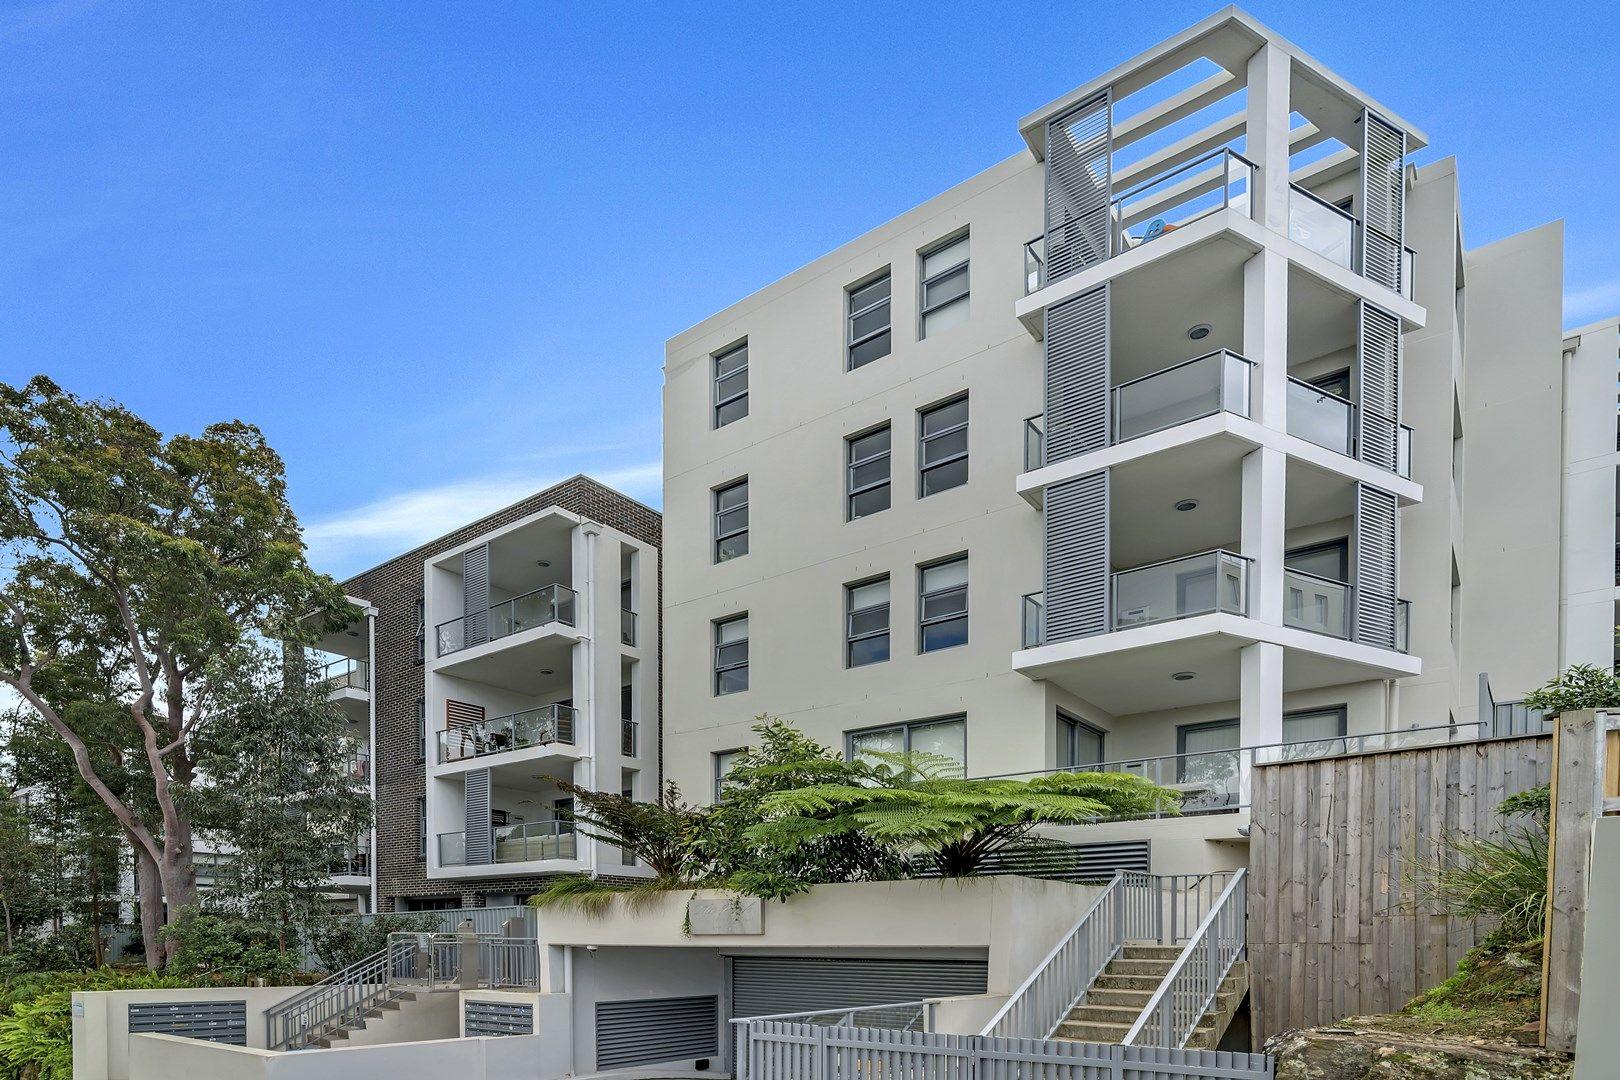 46/15-21 Mindarie Street, Lane Cove NSW 2066, Image 0